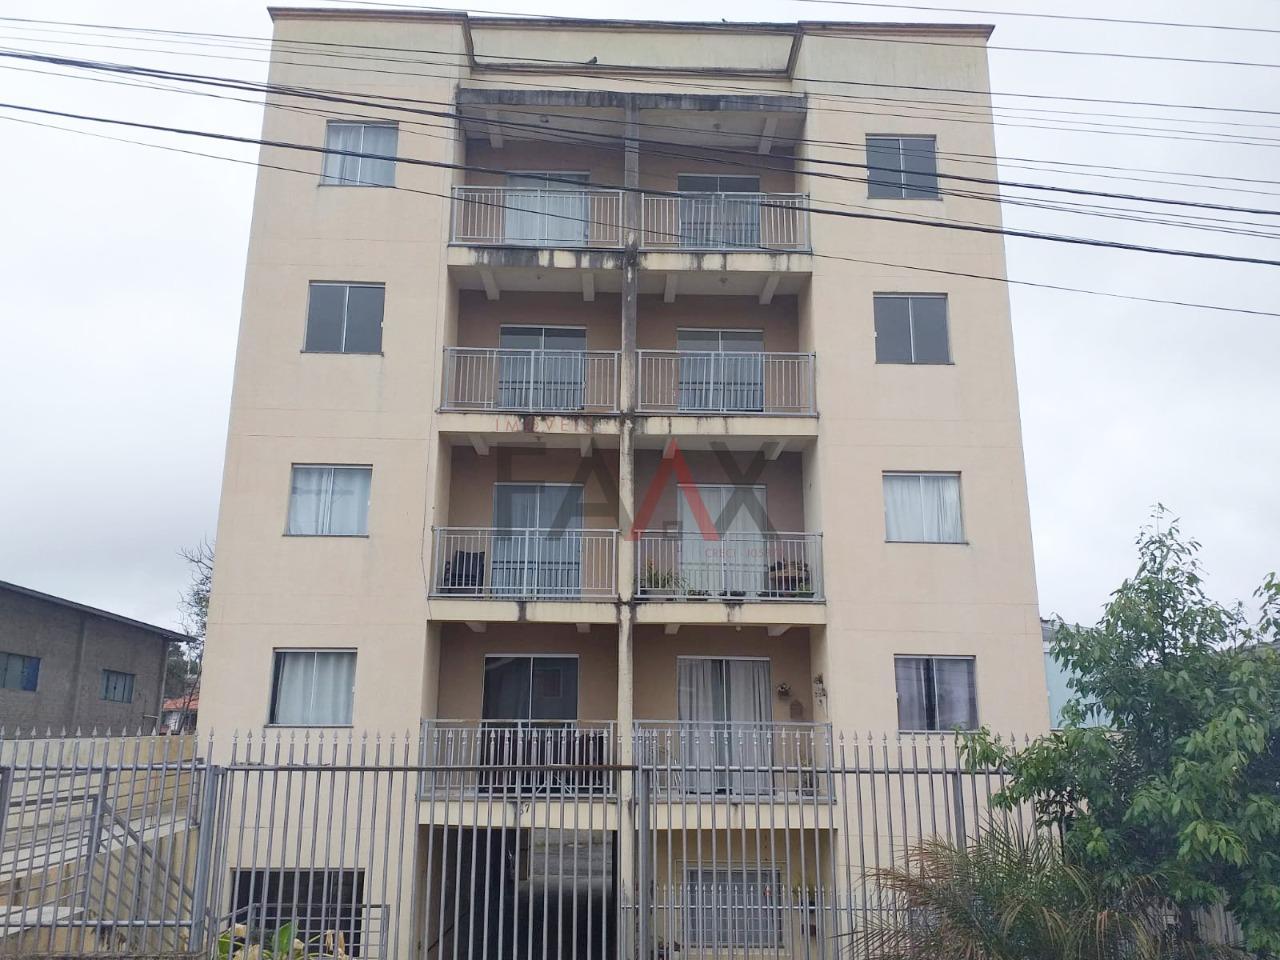 Apartamento com 2 dormitórios à venda, Alto da XV, GUARAPUAVA - PR